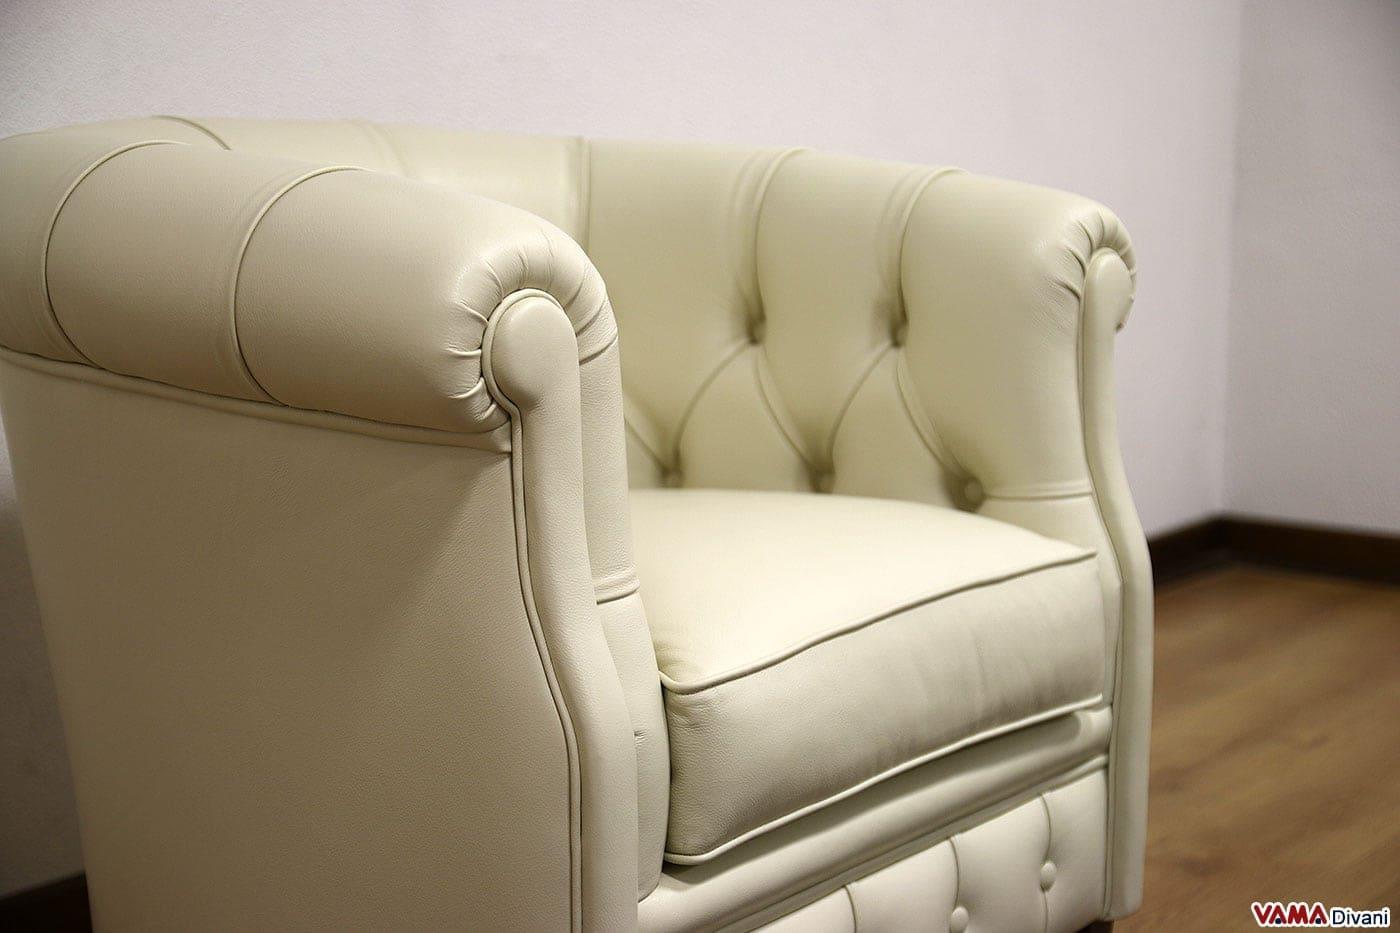 Poltroncina per camera da letto classica prezzi e misure for Camera da letto misure